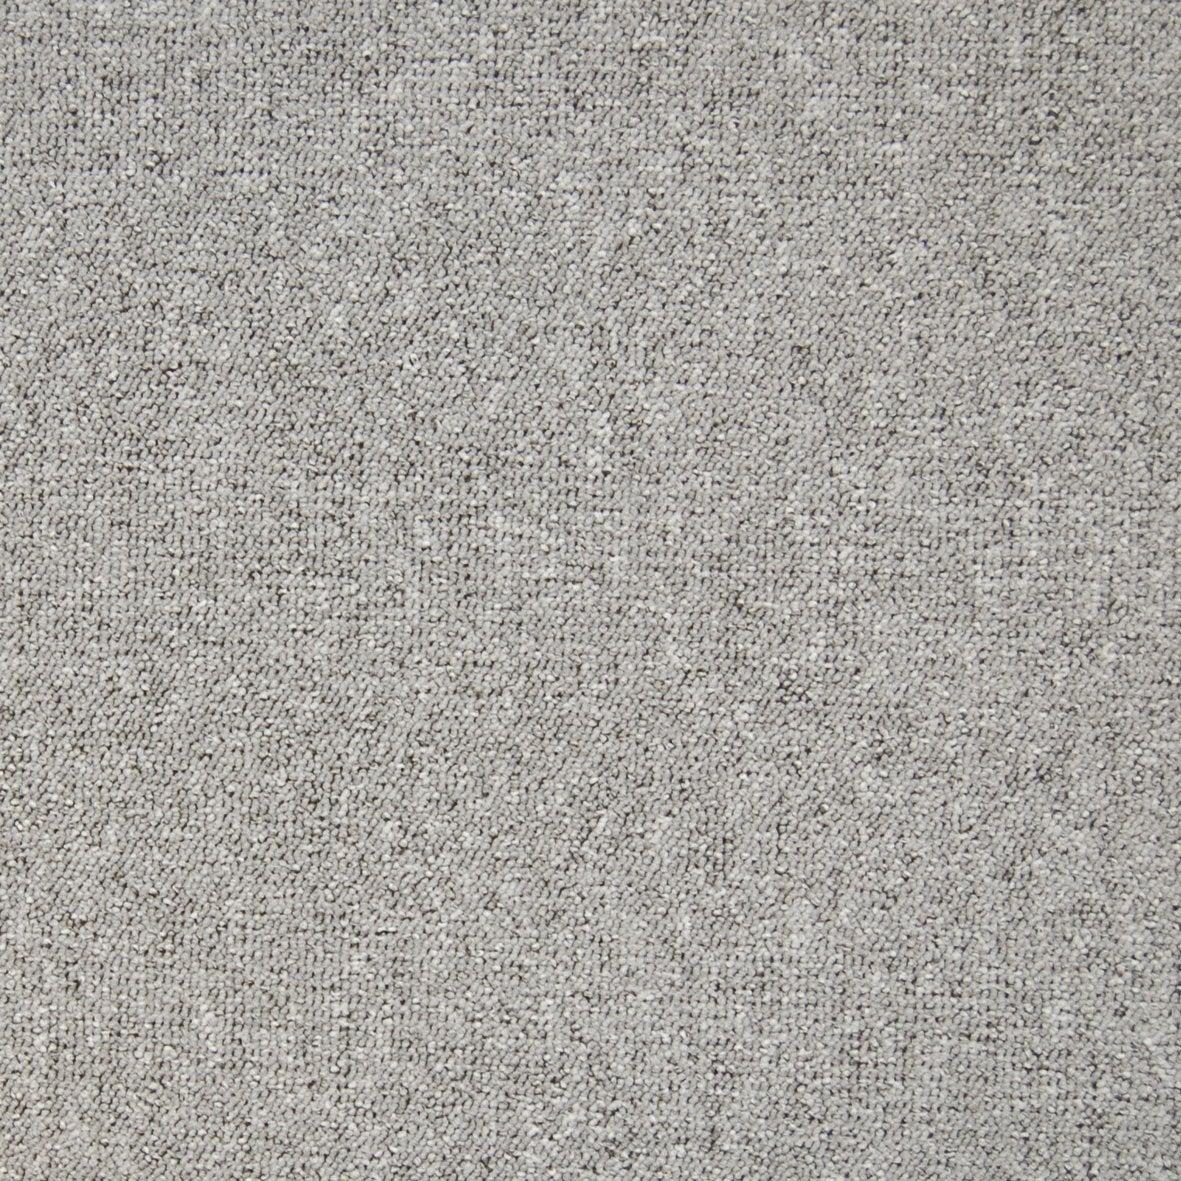 Dalle moquette boucl e largo gris 50x50 cm leroy merlin for Dalle moquette autocollante